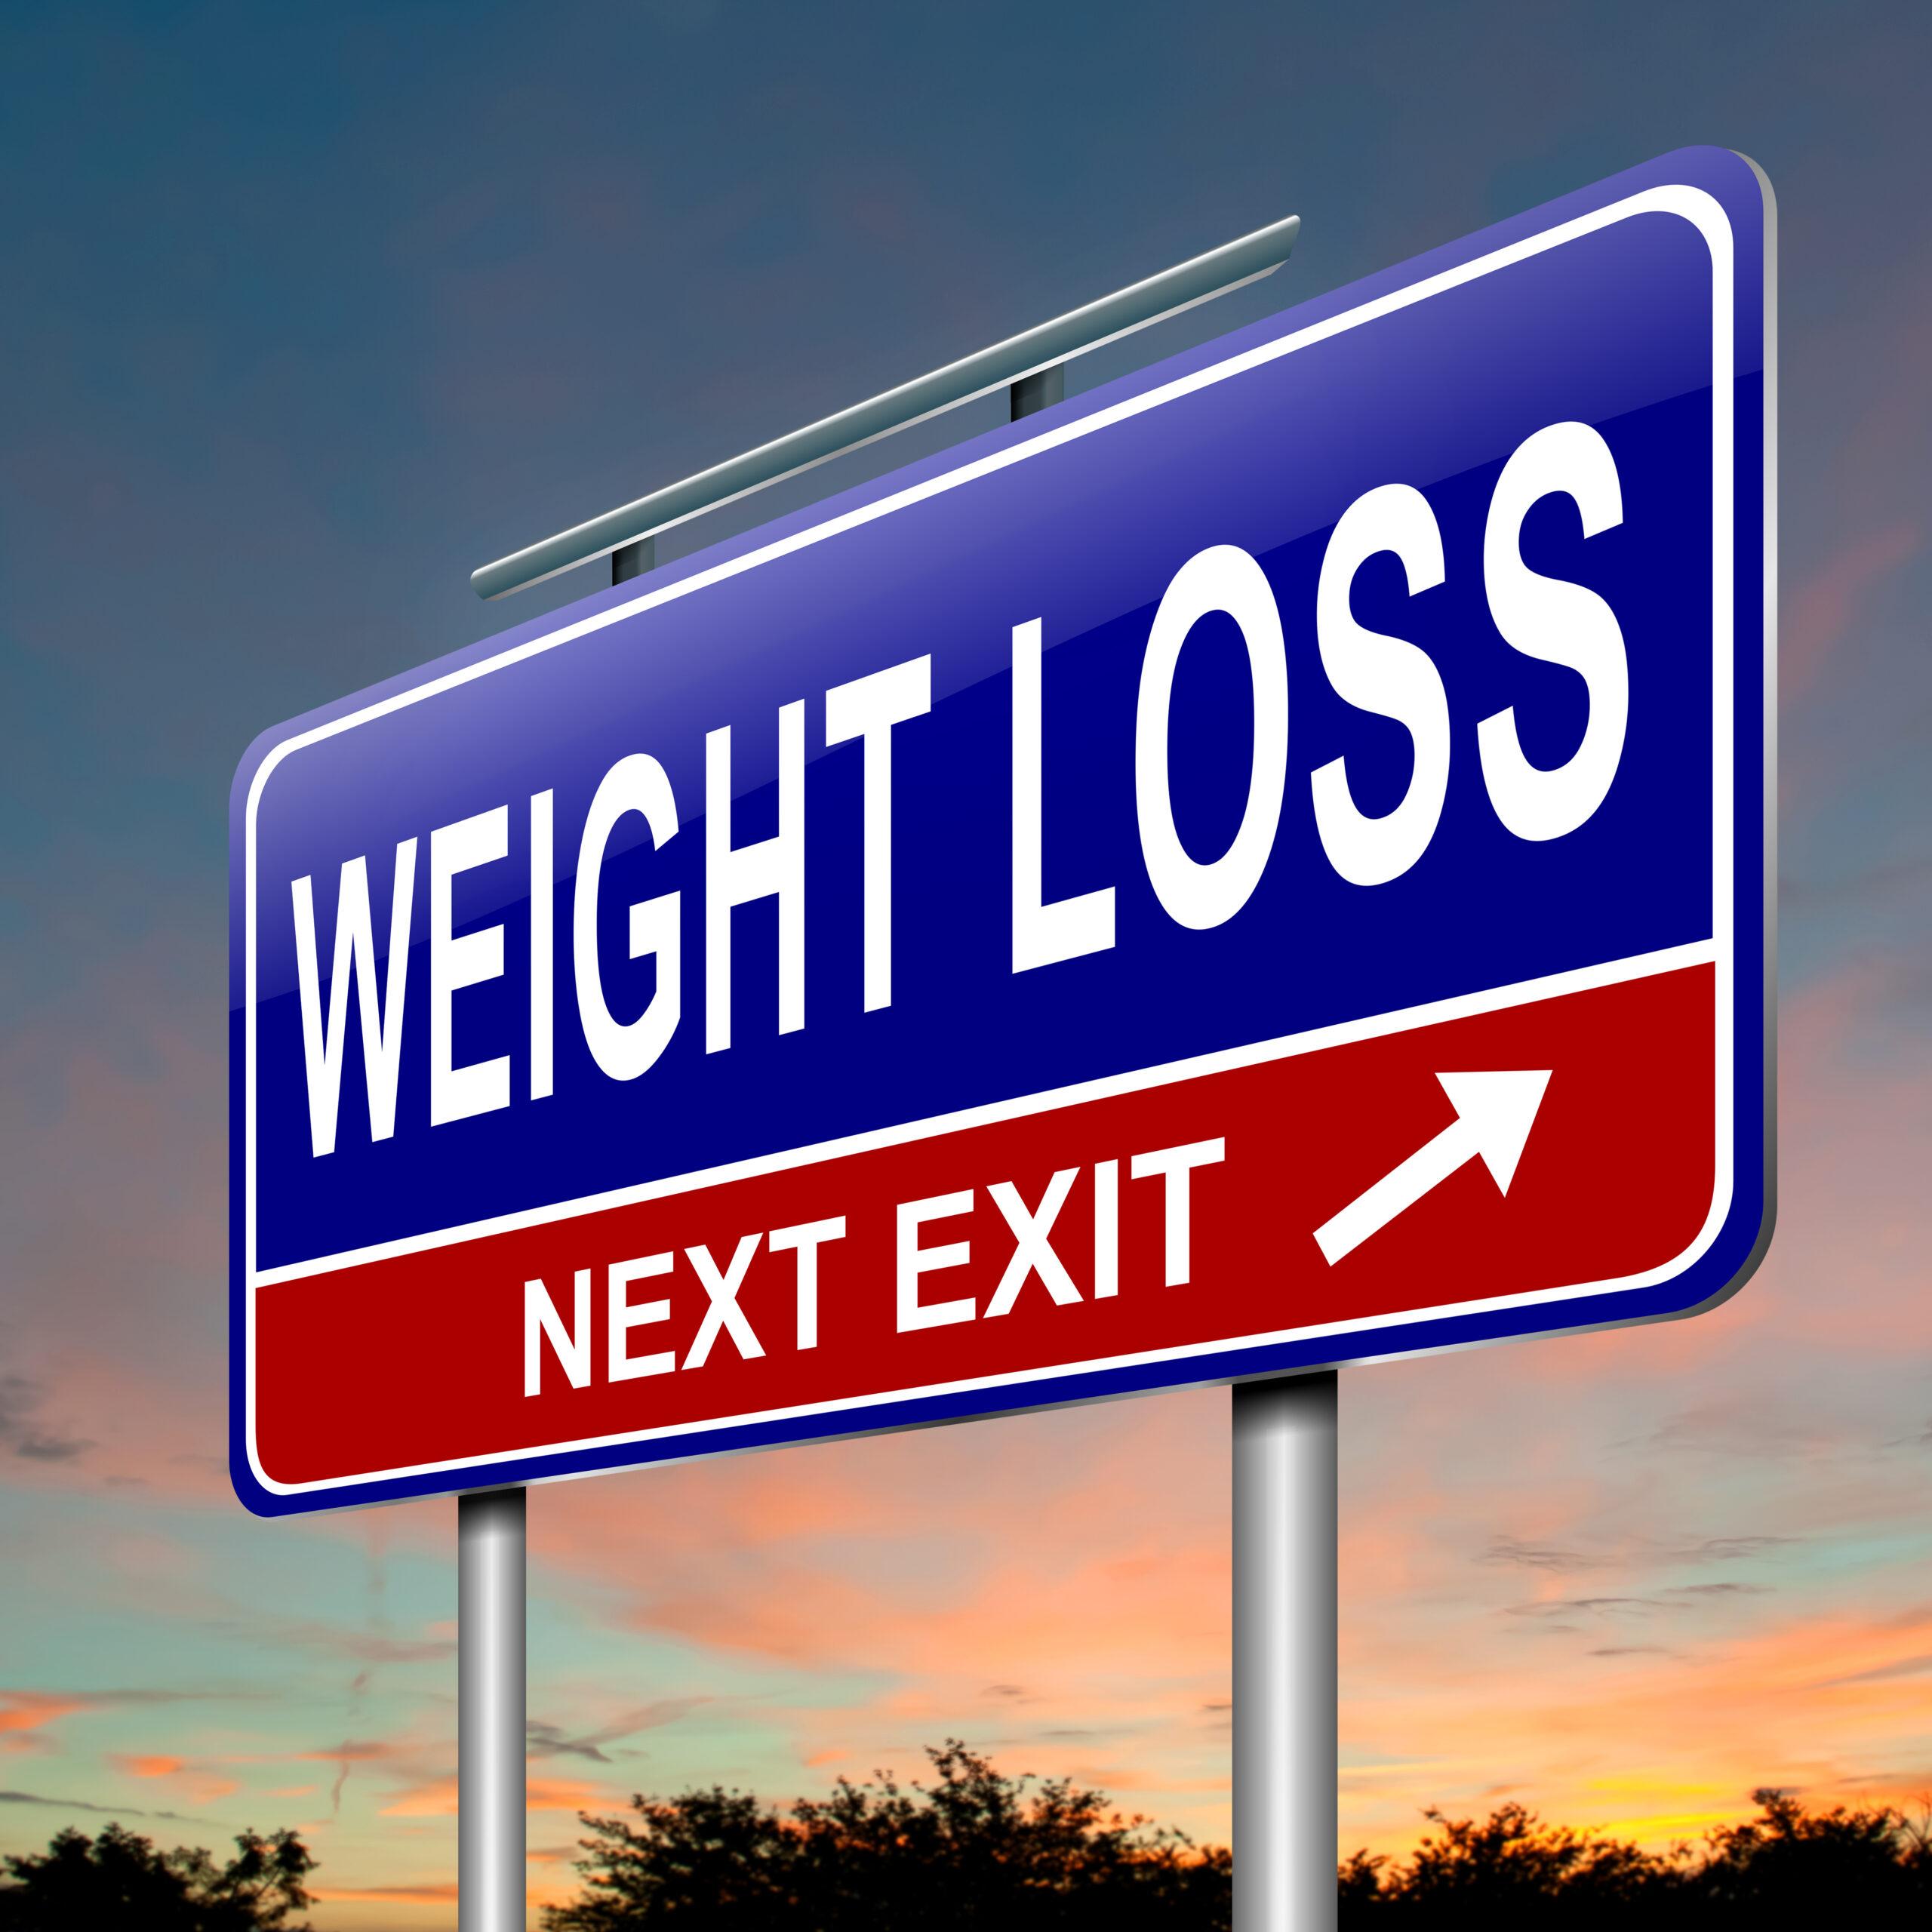 weightloss-sign